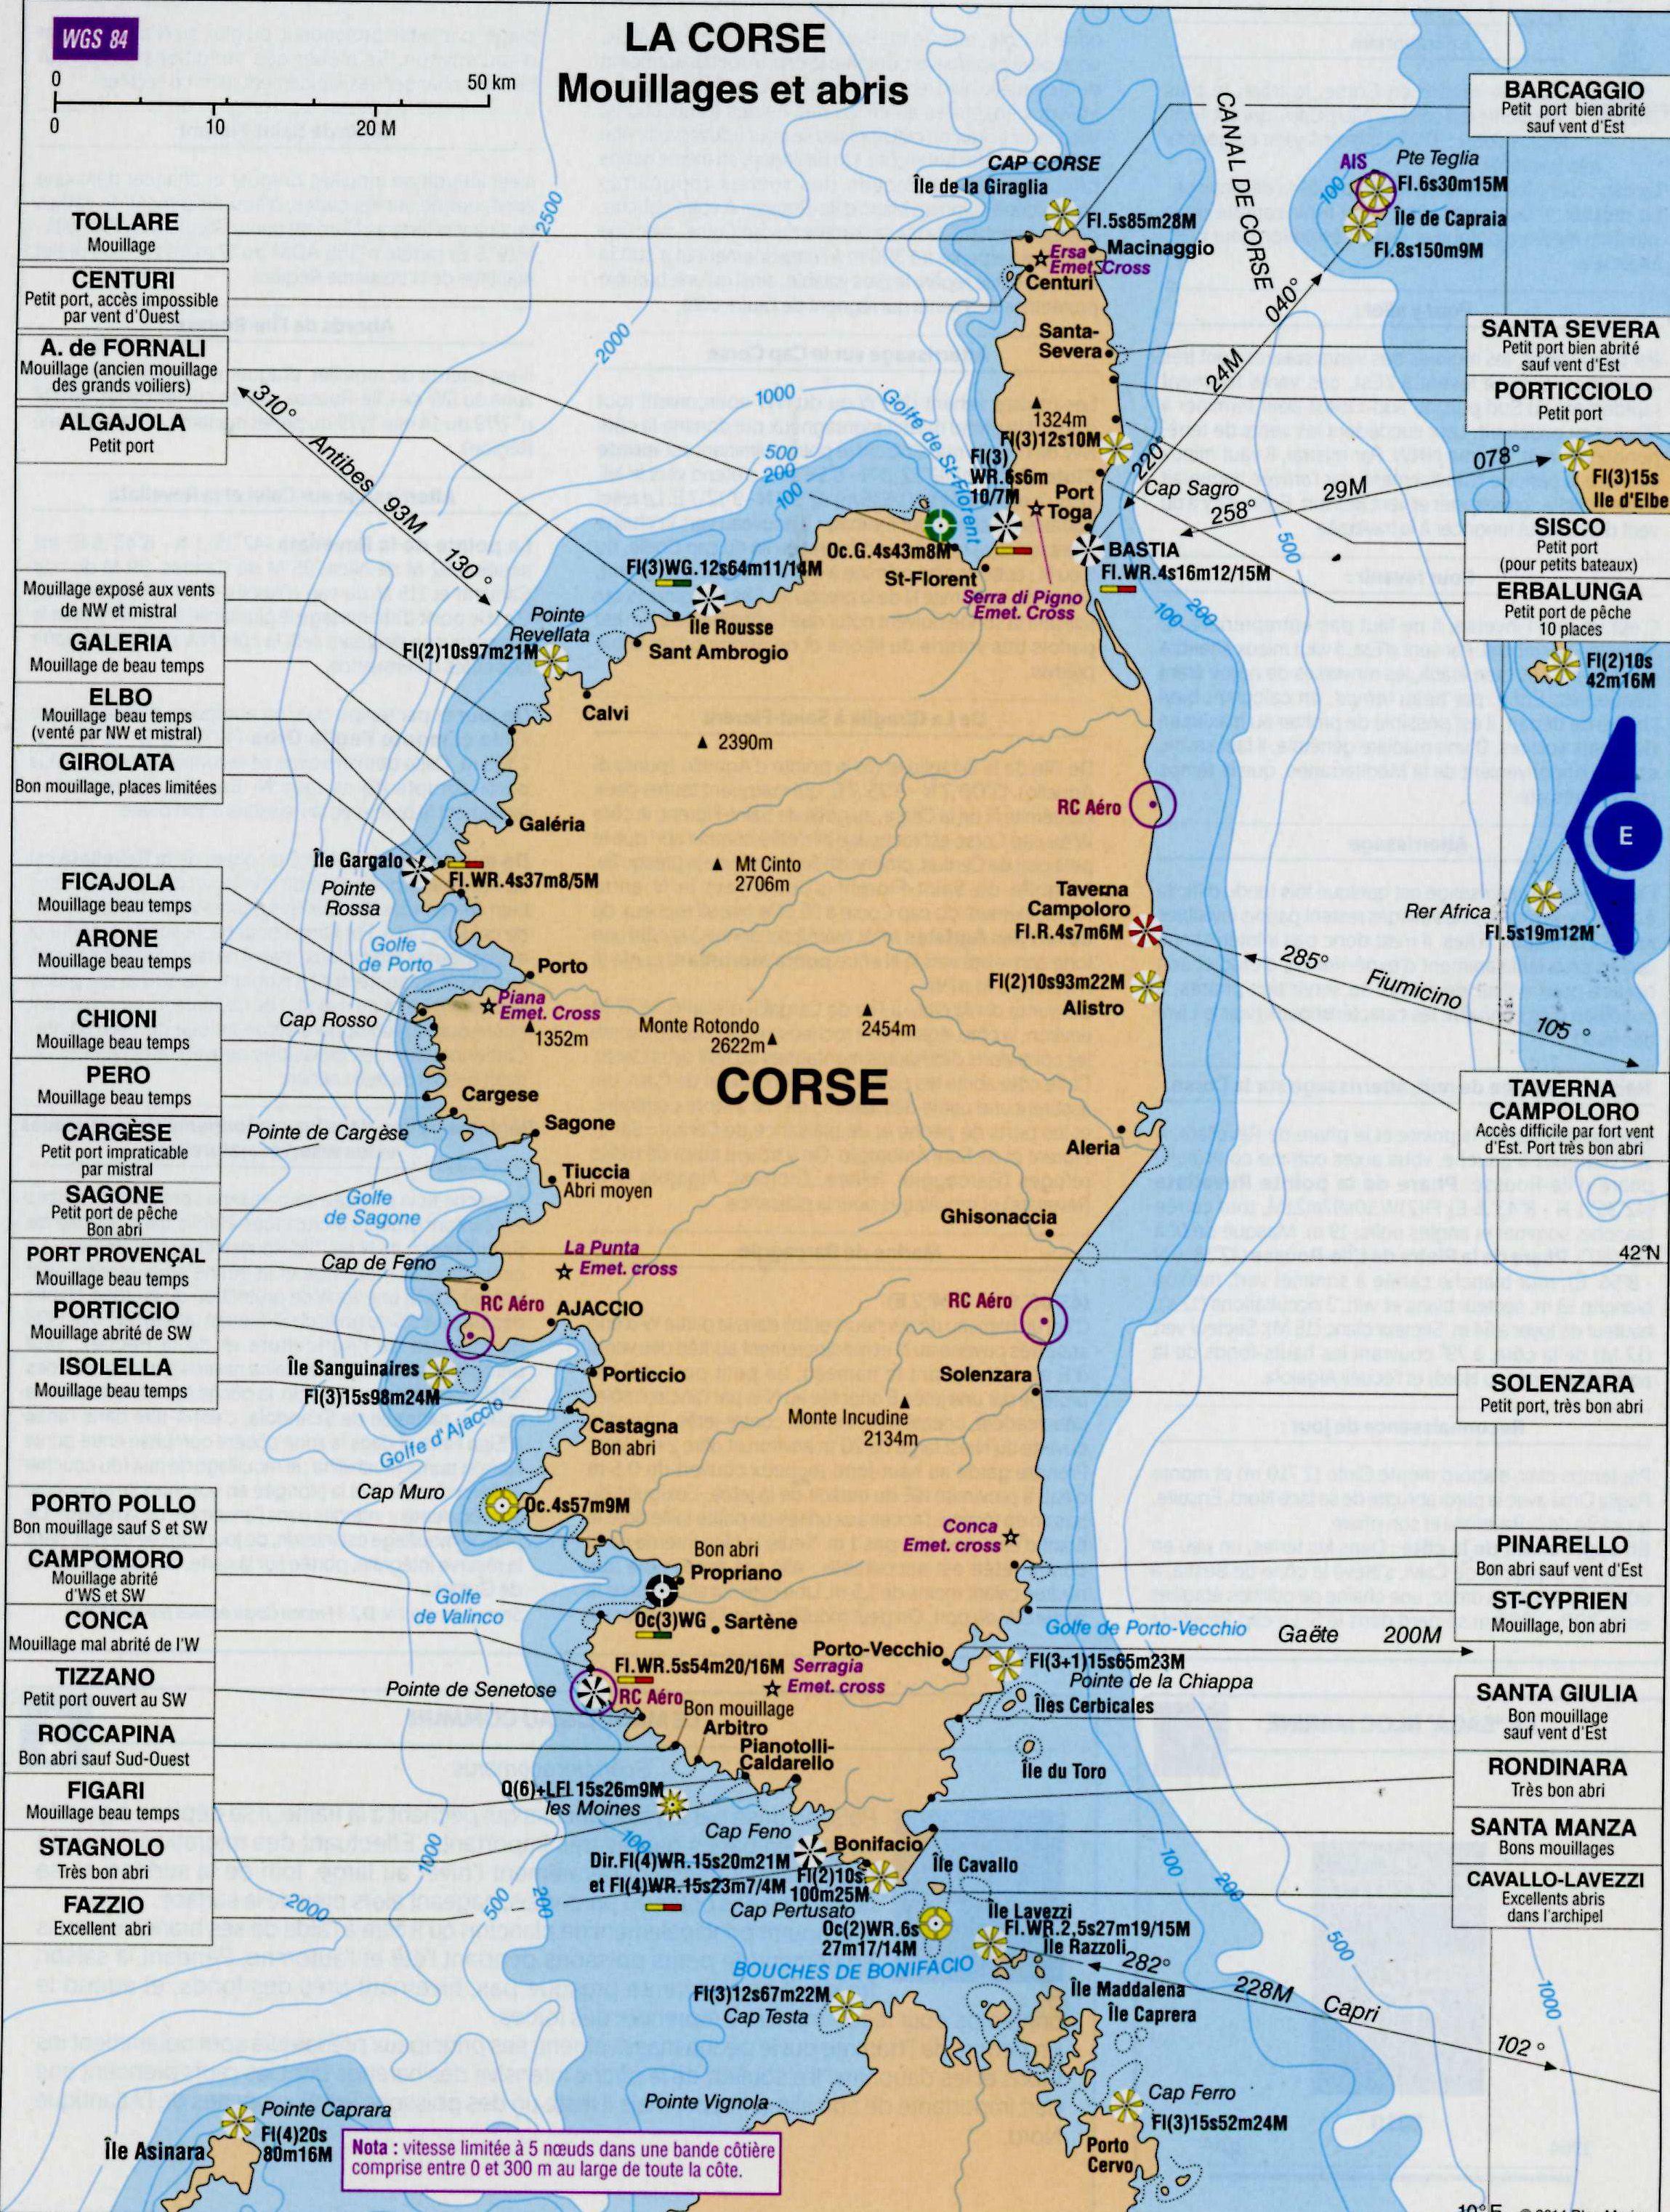 Carte des ports de Corse